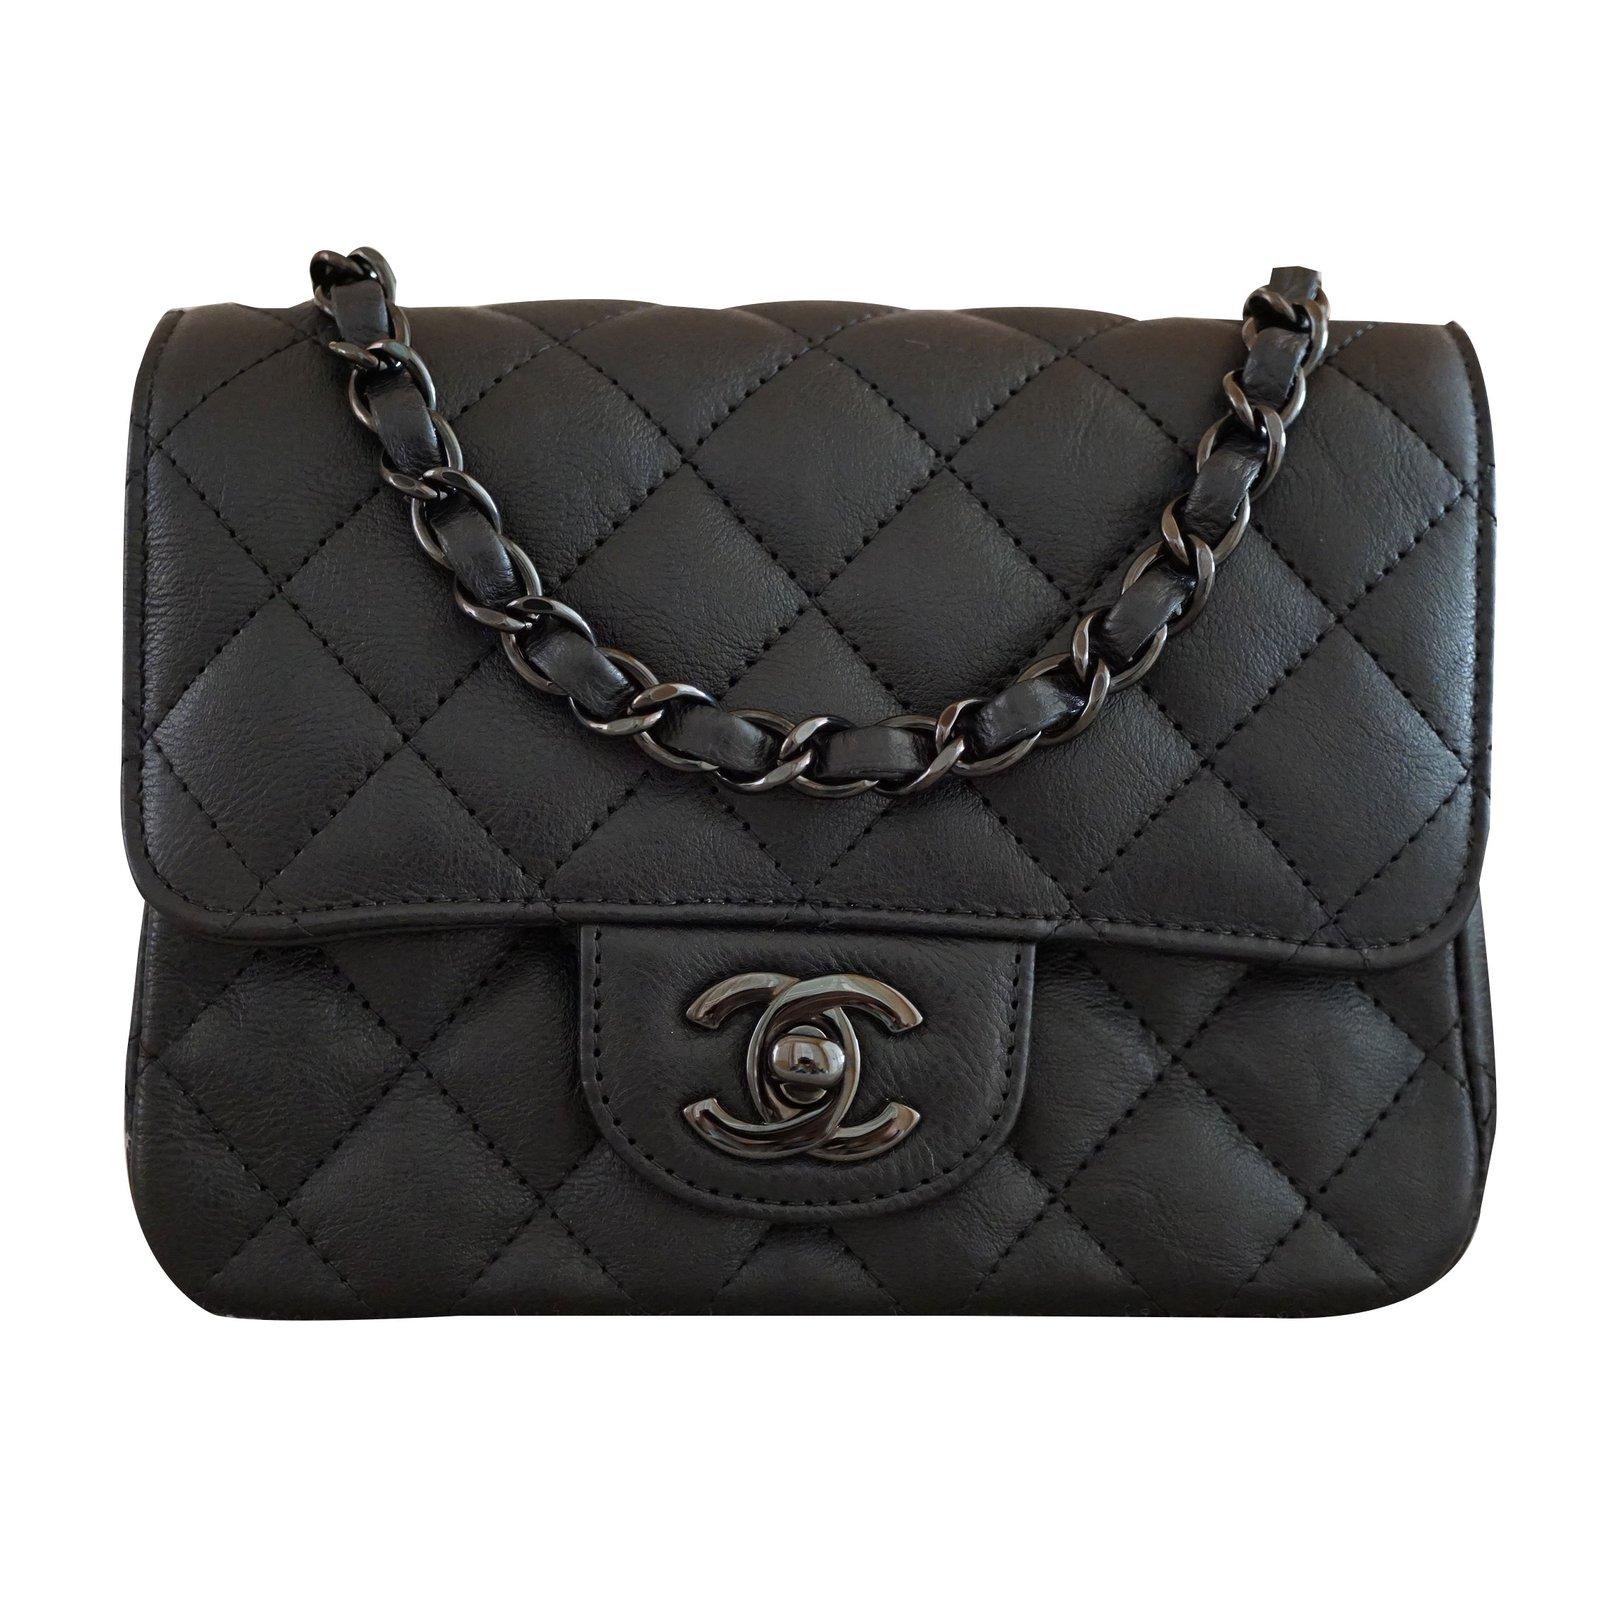 Chanel Black Square Mini Handbags Leather Ref 38560